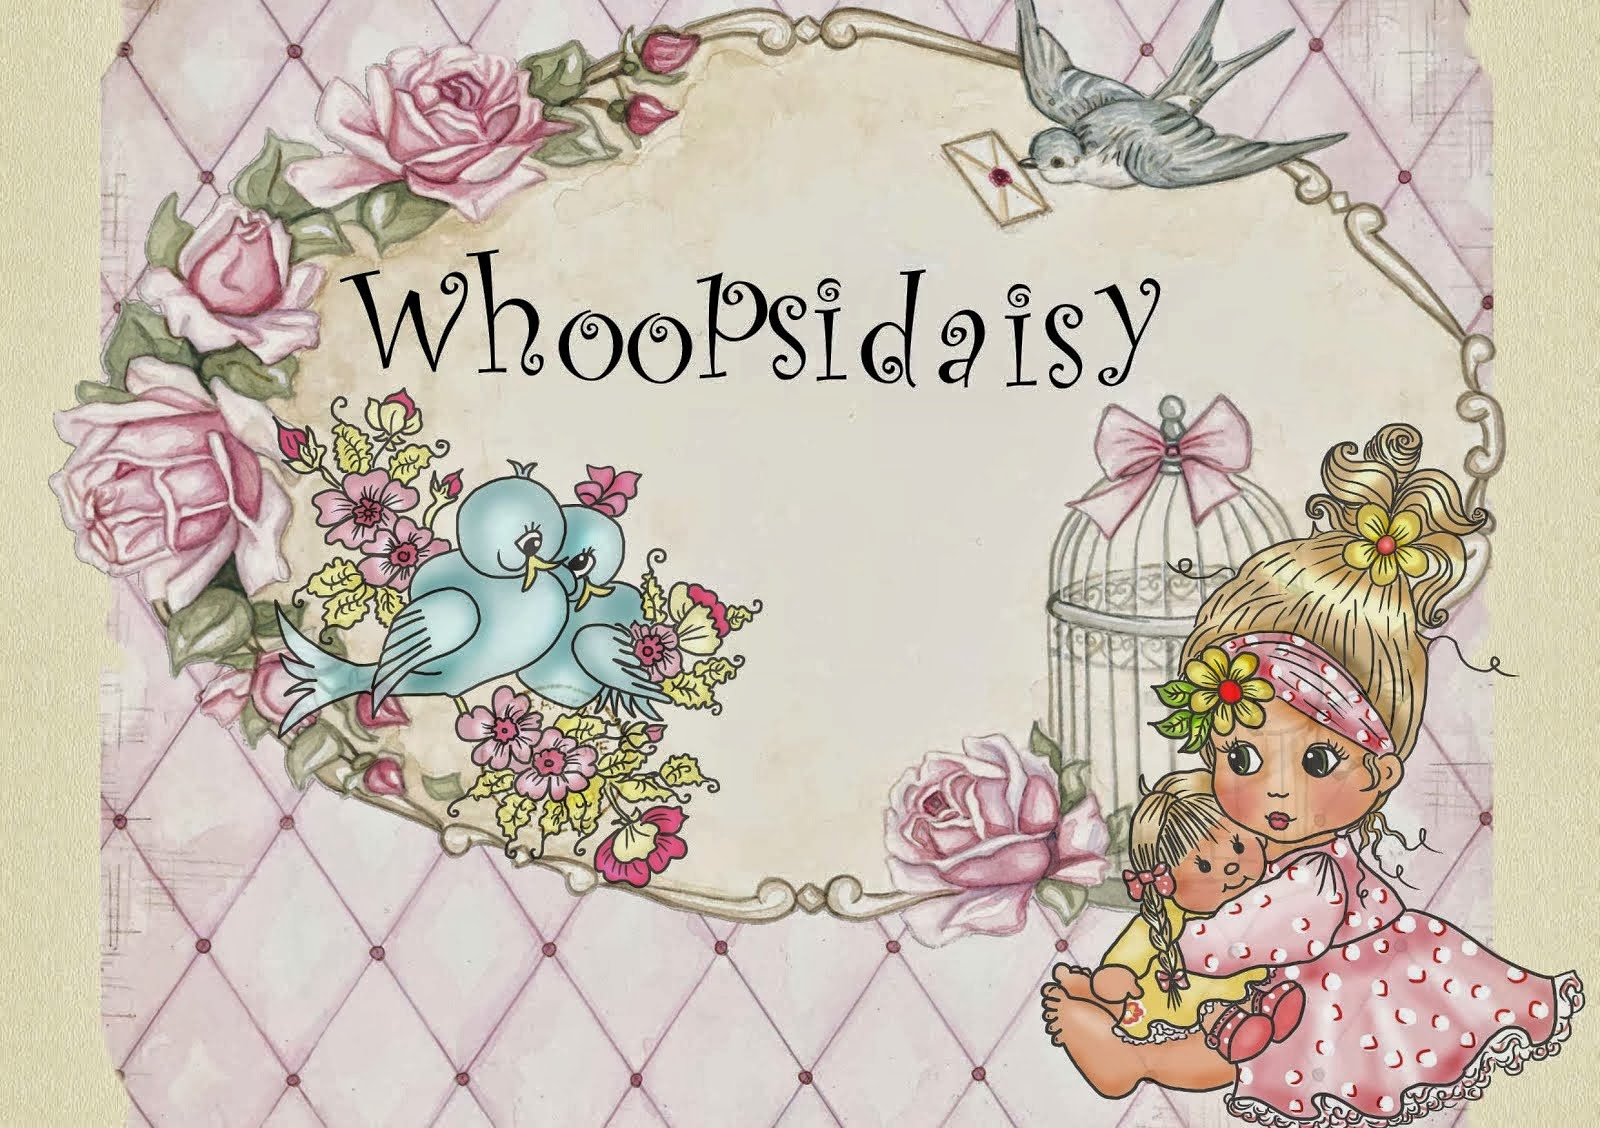 whoopsidaisy